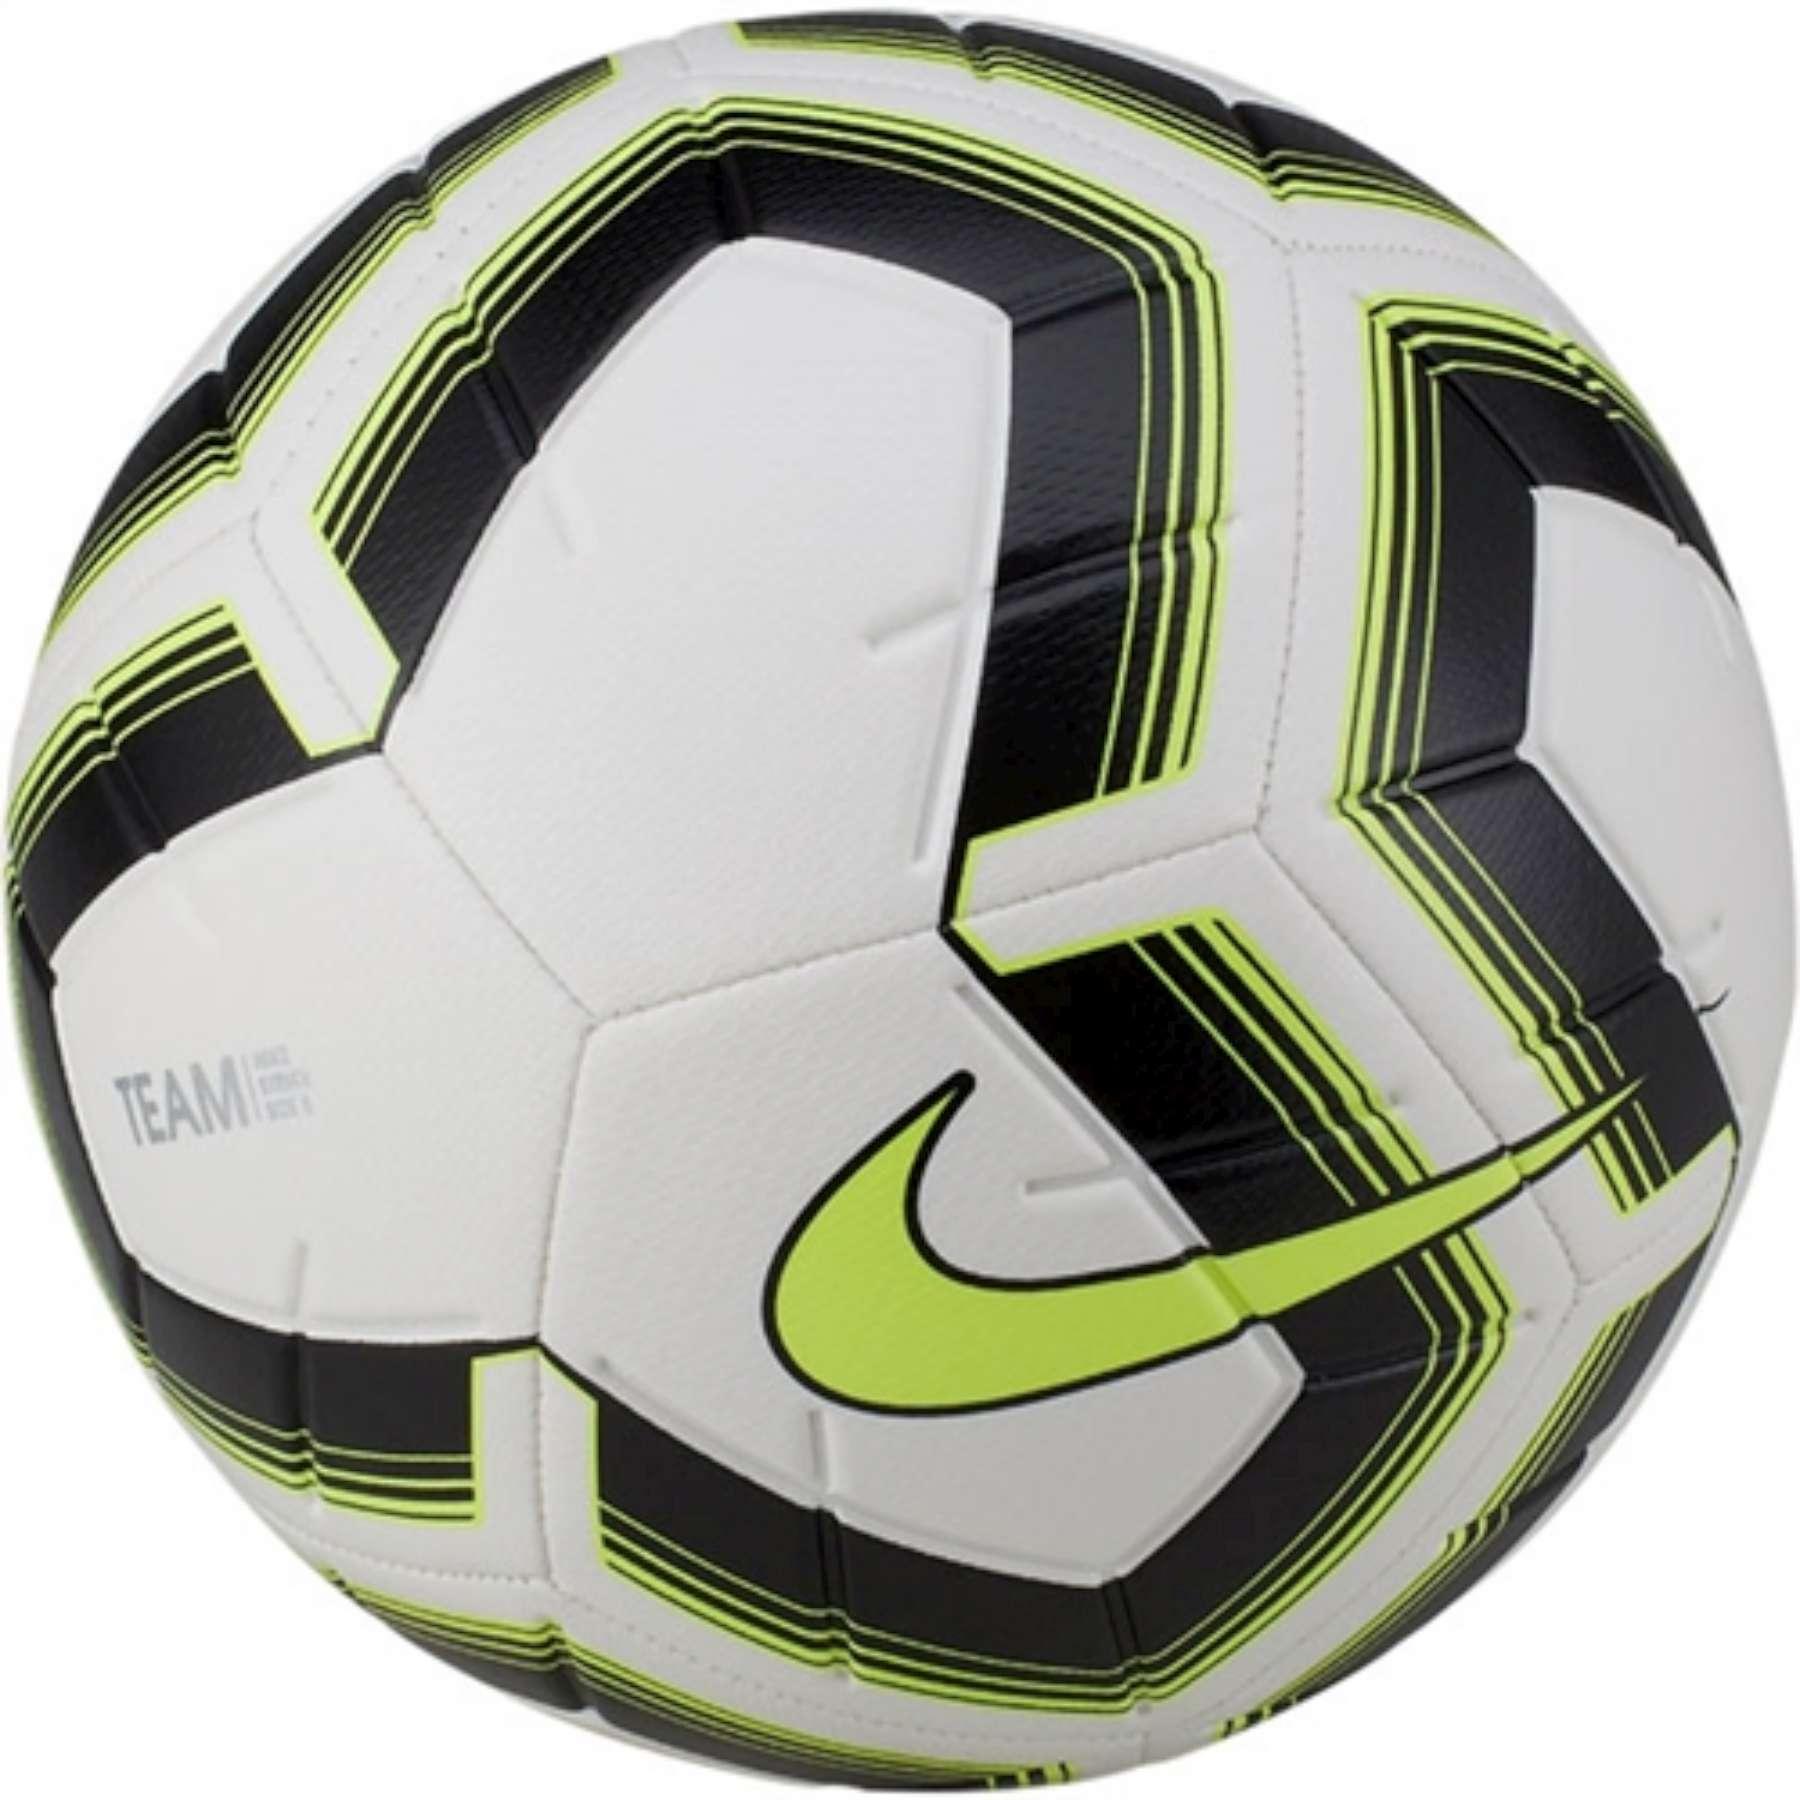 Fussball Nike Striker Team Weiss Schwarz Gelb